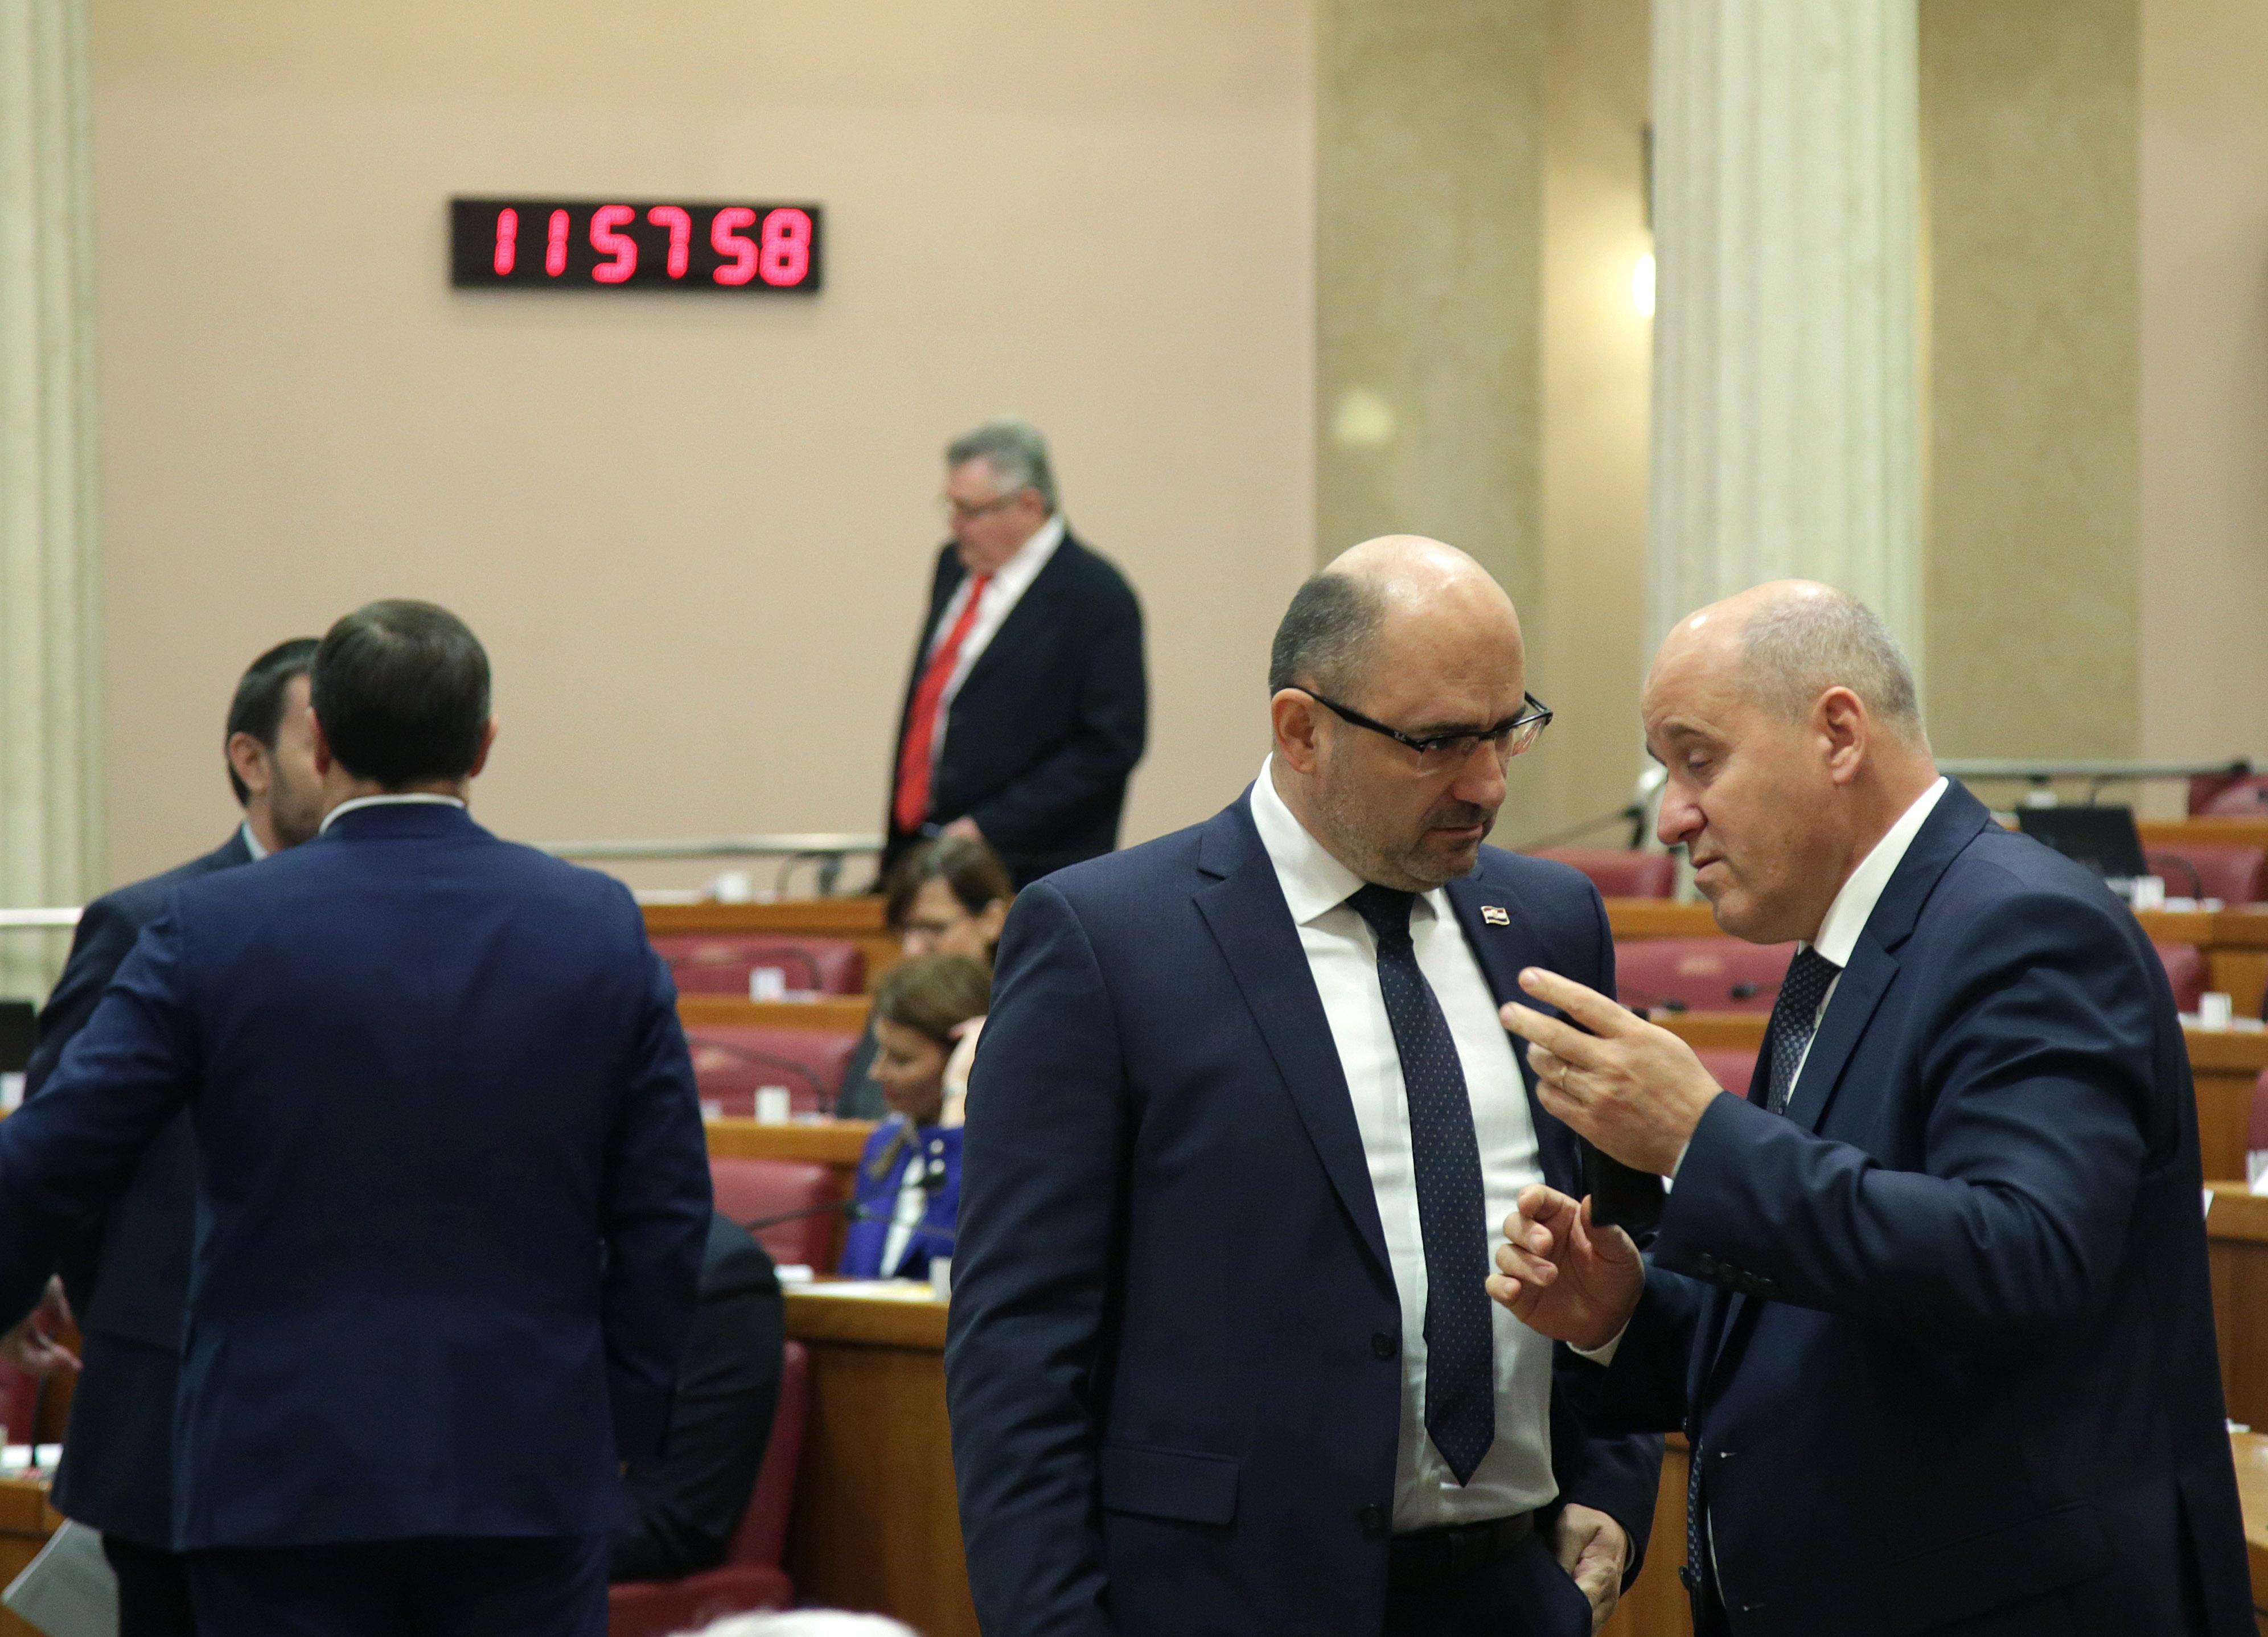 Brkić se nada da će Deklaracija o položaju Hrvata u BiH donijeti što većim suglasjem